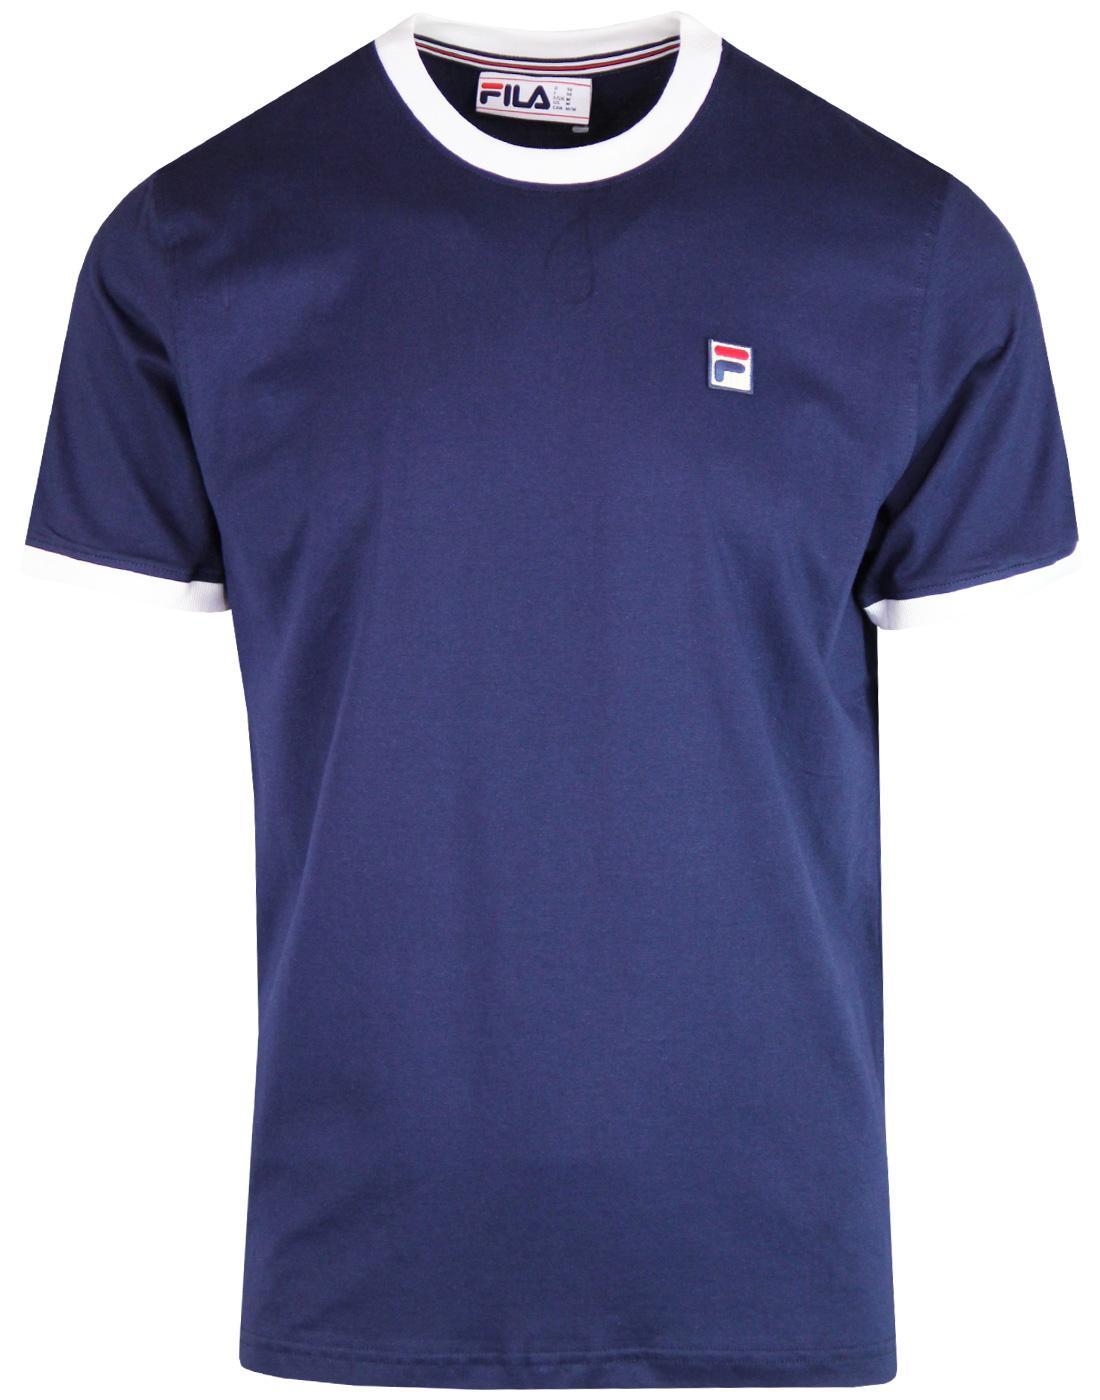 Marconi FILA VINTAGE Men's Retro Ringer T-Shirt P